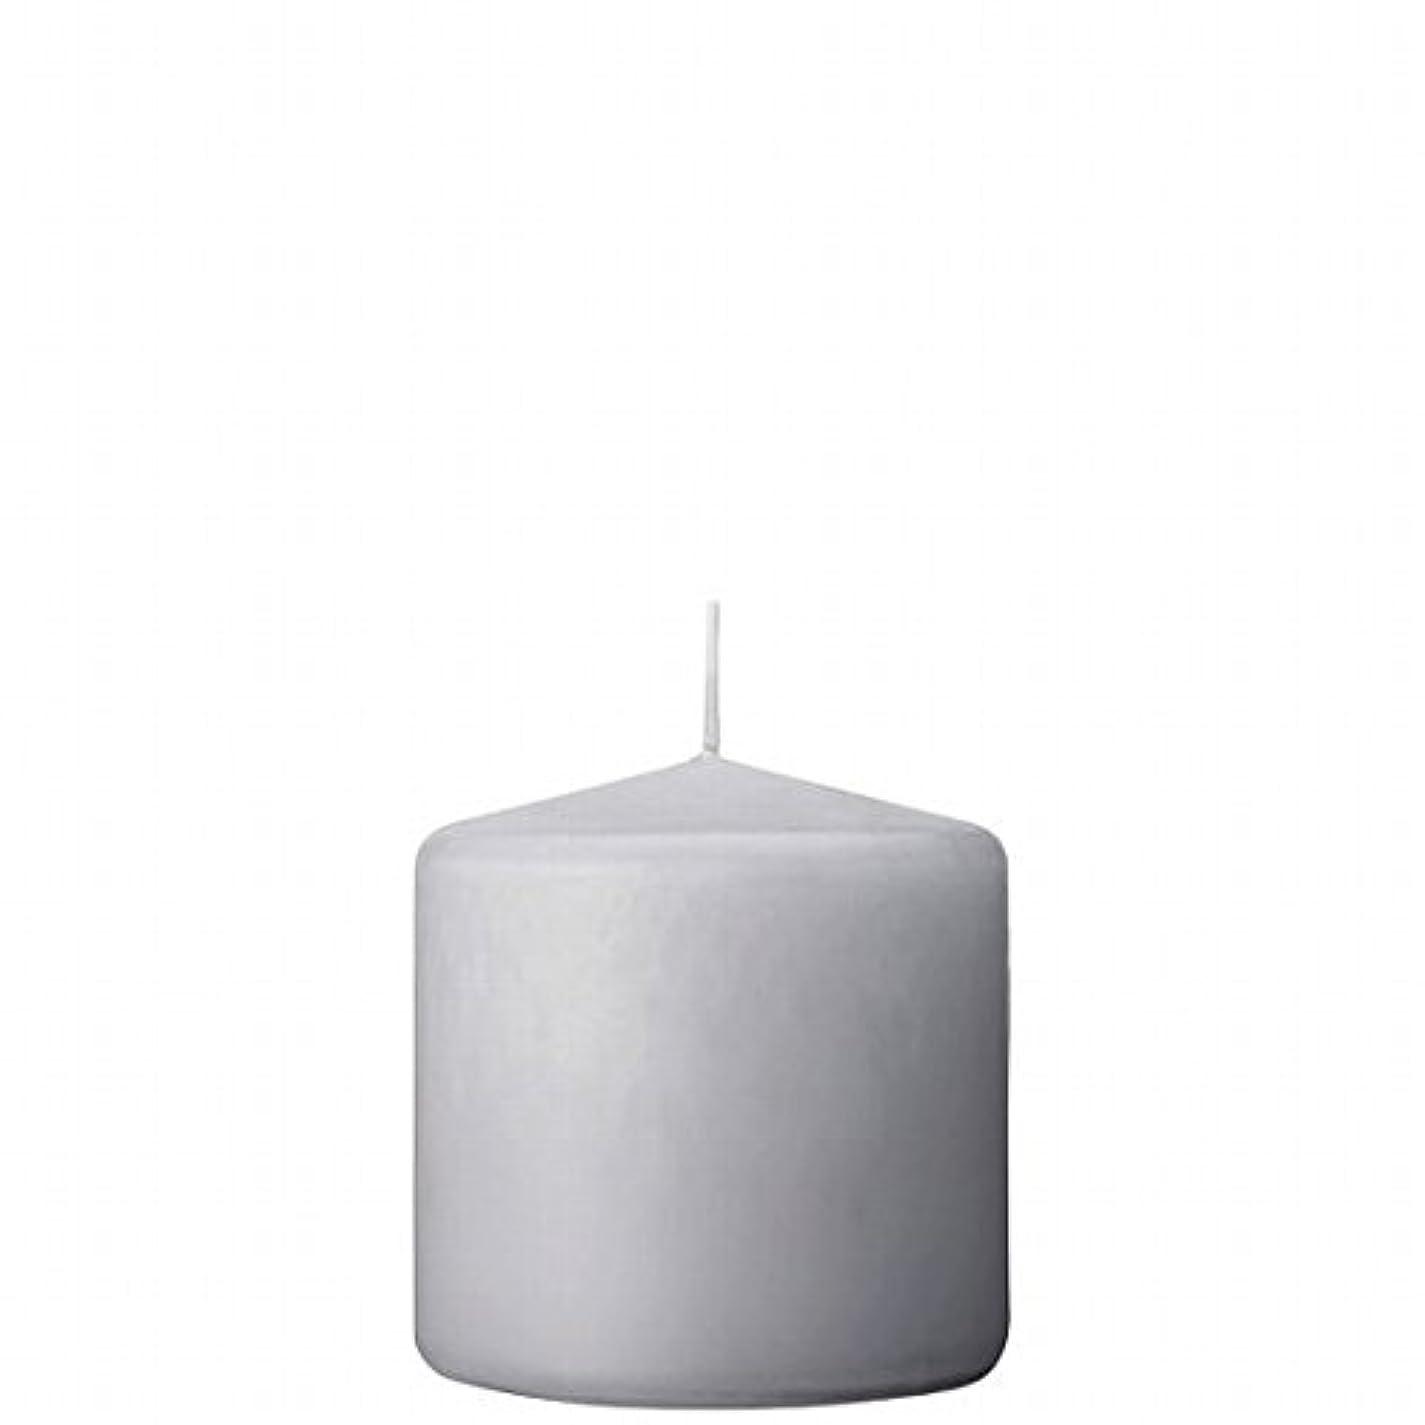 ビリーマイルド準備ができてカメヤマキャンドル(kameyama candle) 3×3ベルトップピラーキャンドル 「 ライトグレー 」